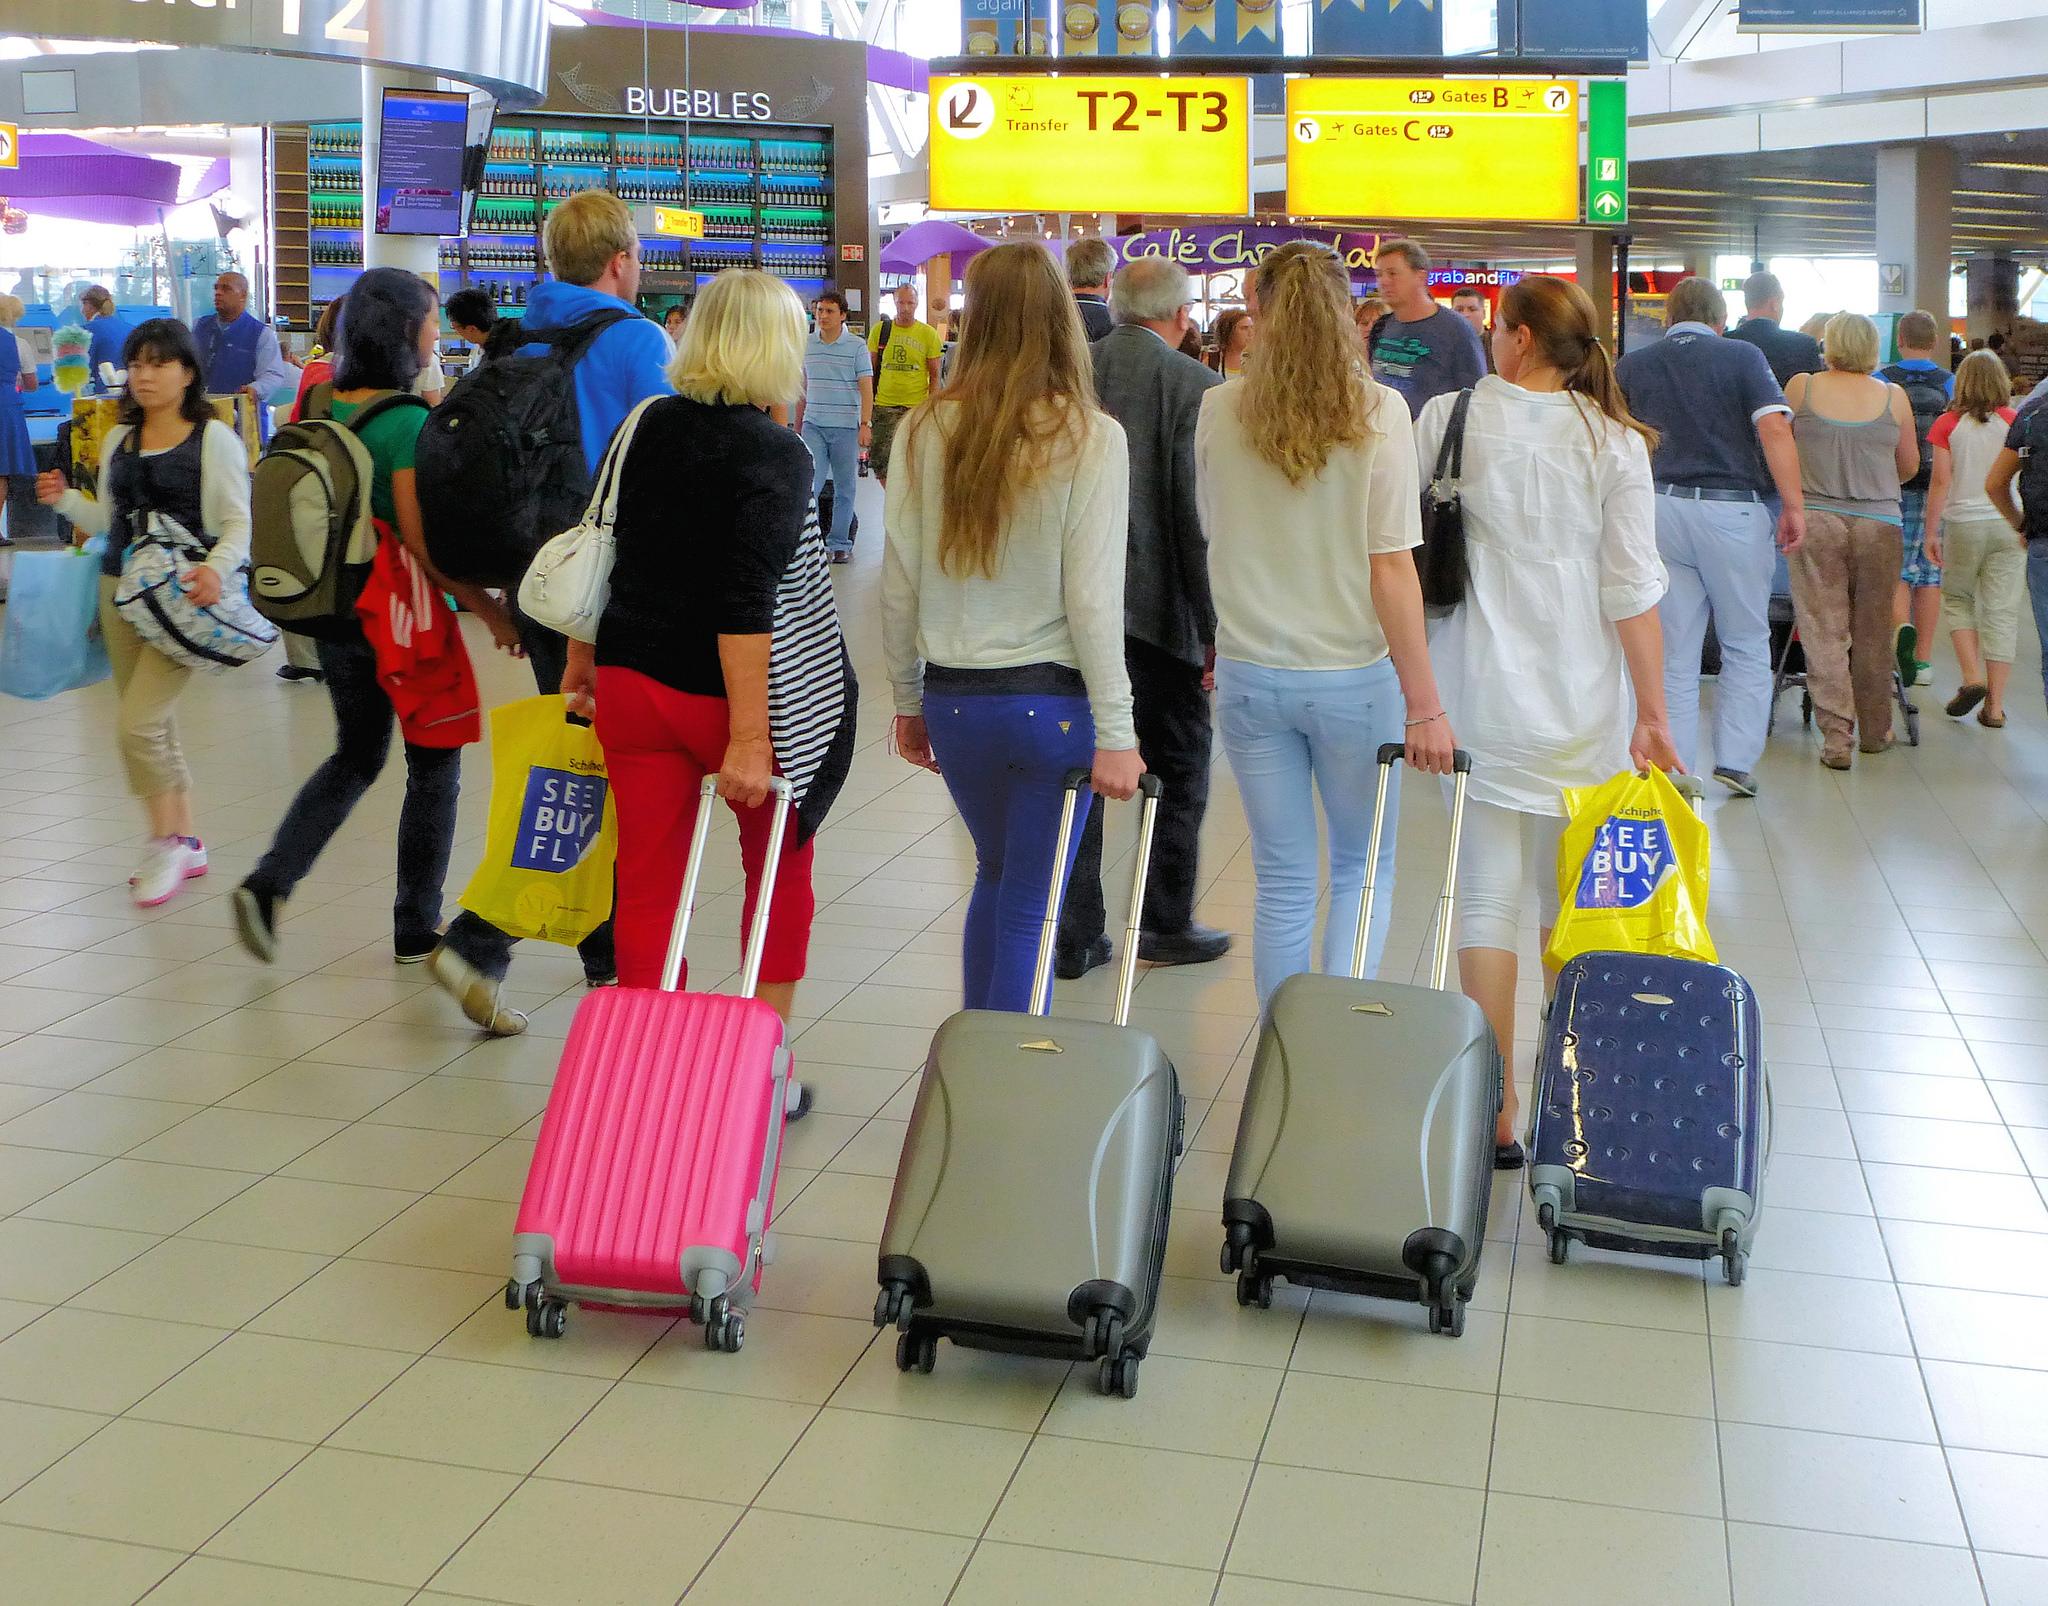 Bellas rubias en el aeropuerto - 2048x1606